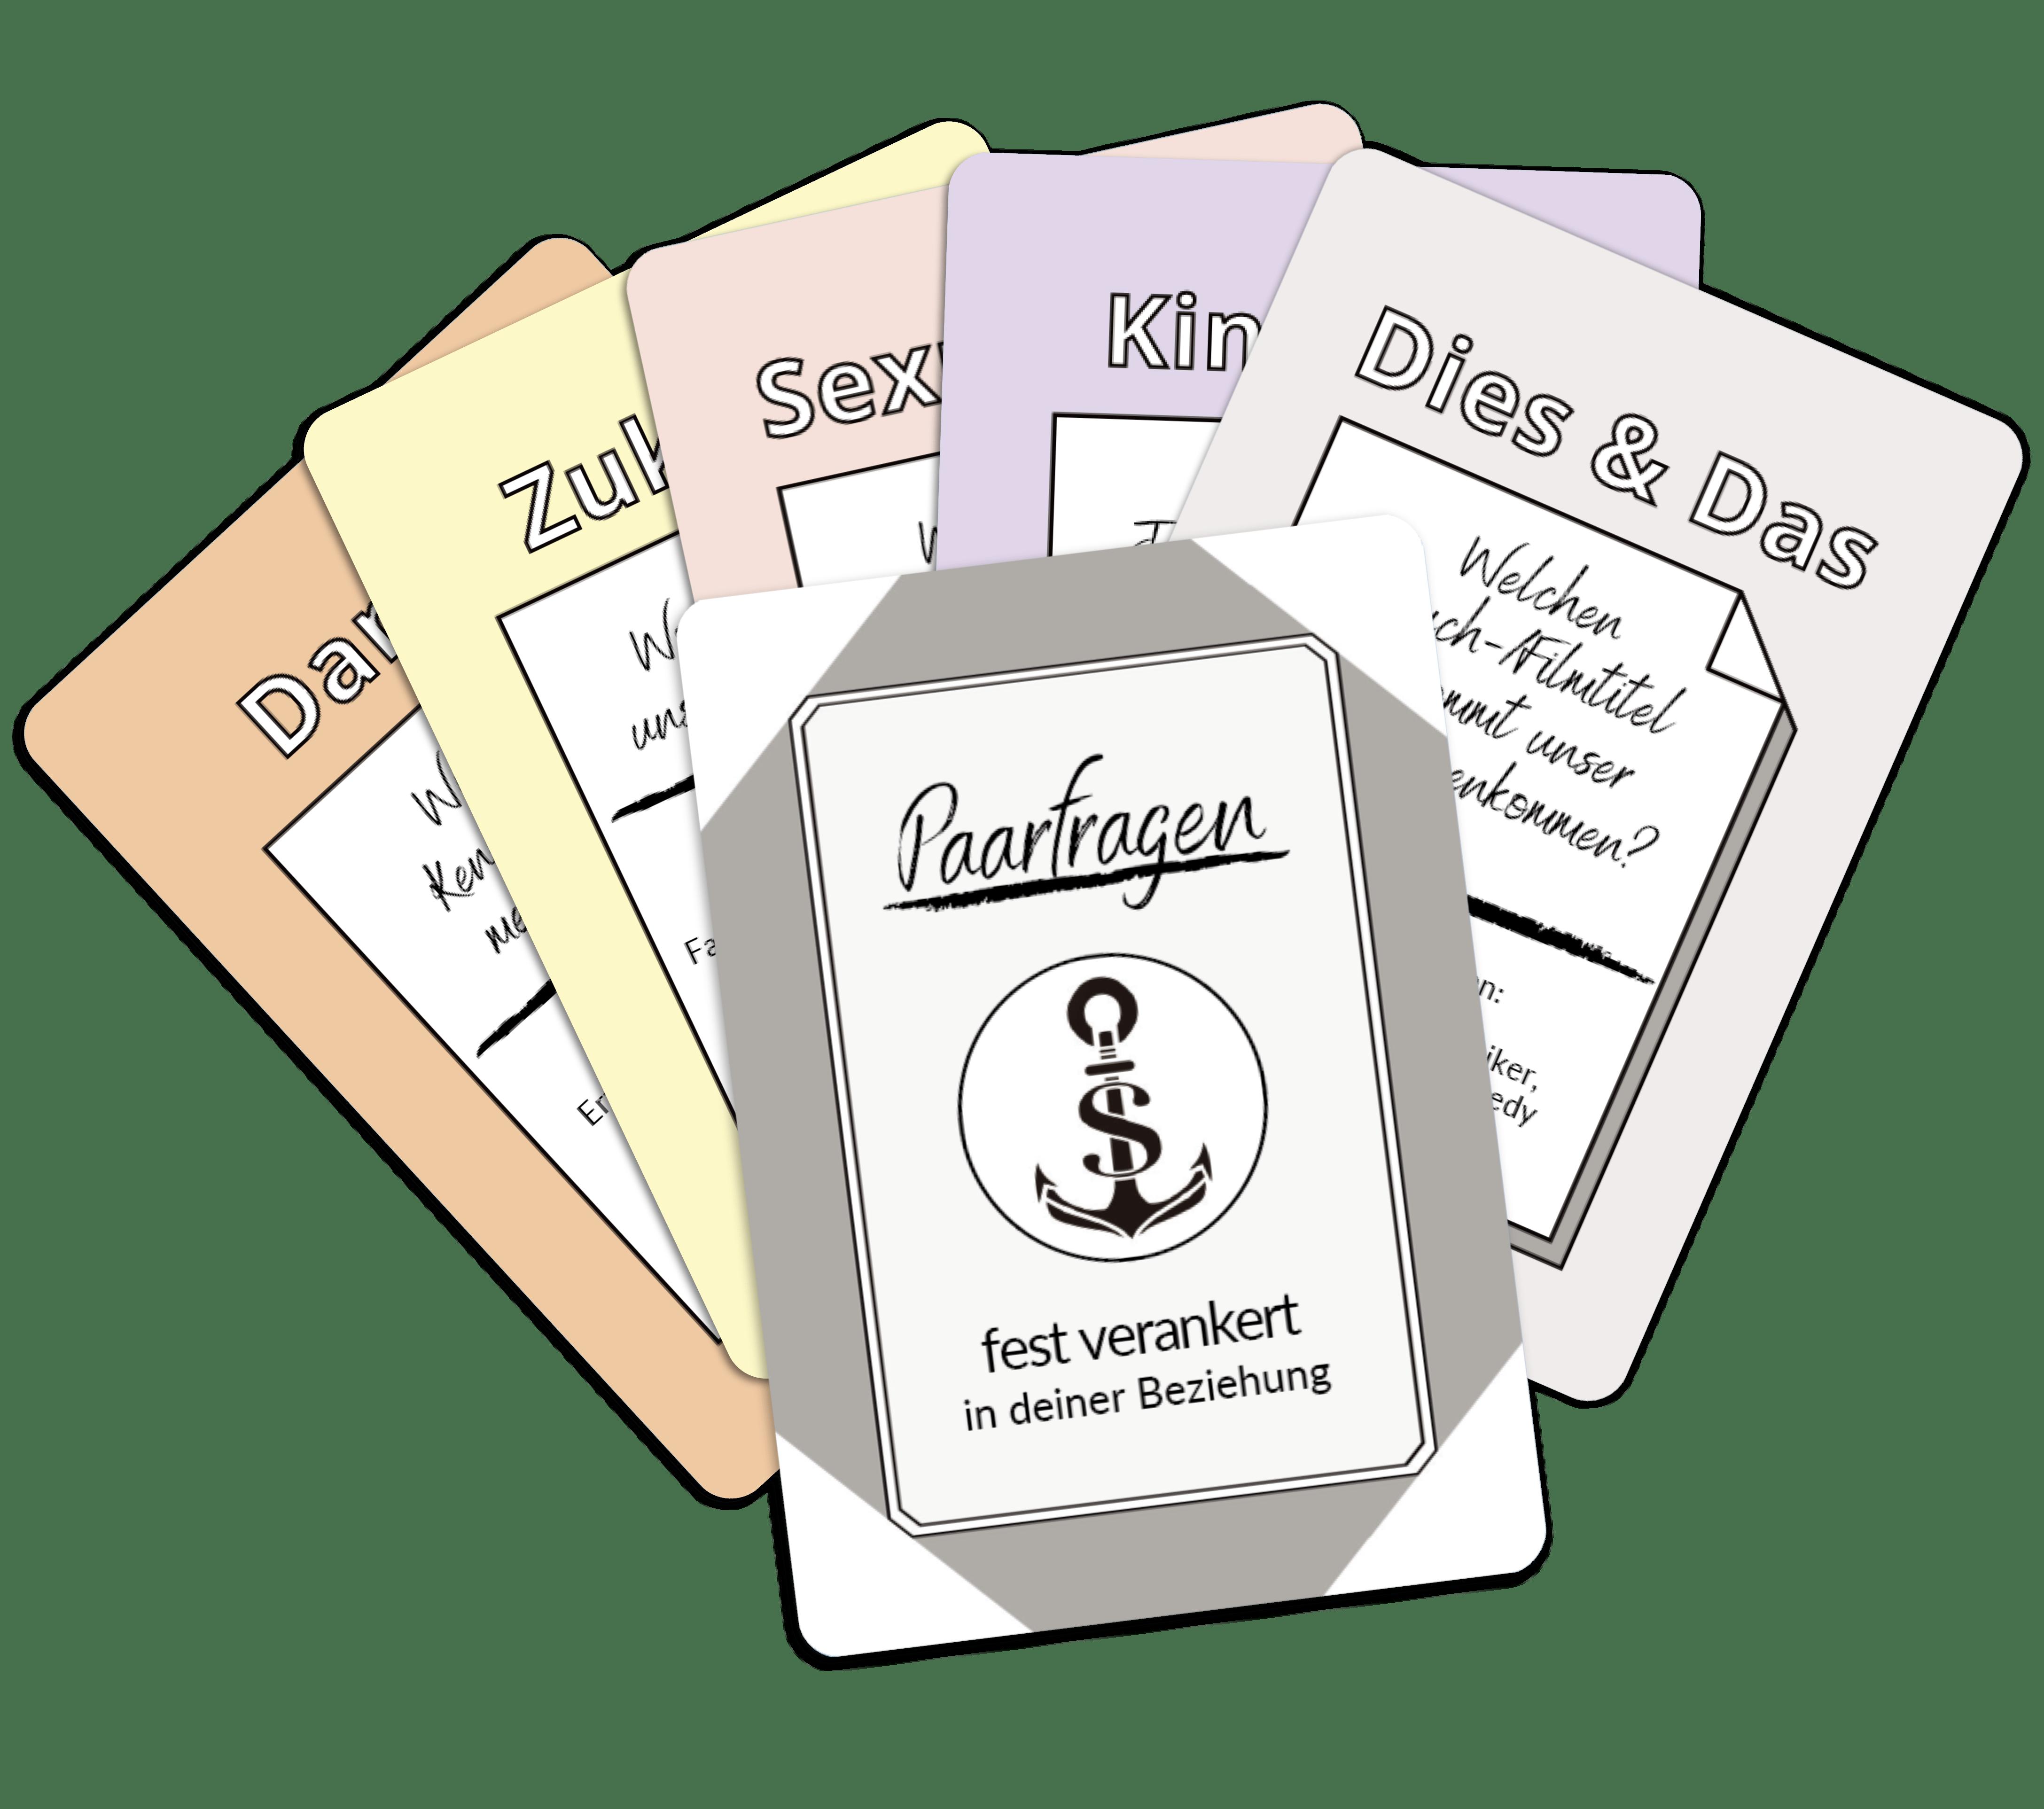 kartenspiel-fuer-paare-paarfragen-fest-verankert